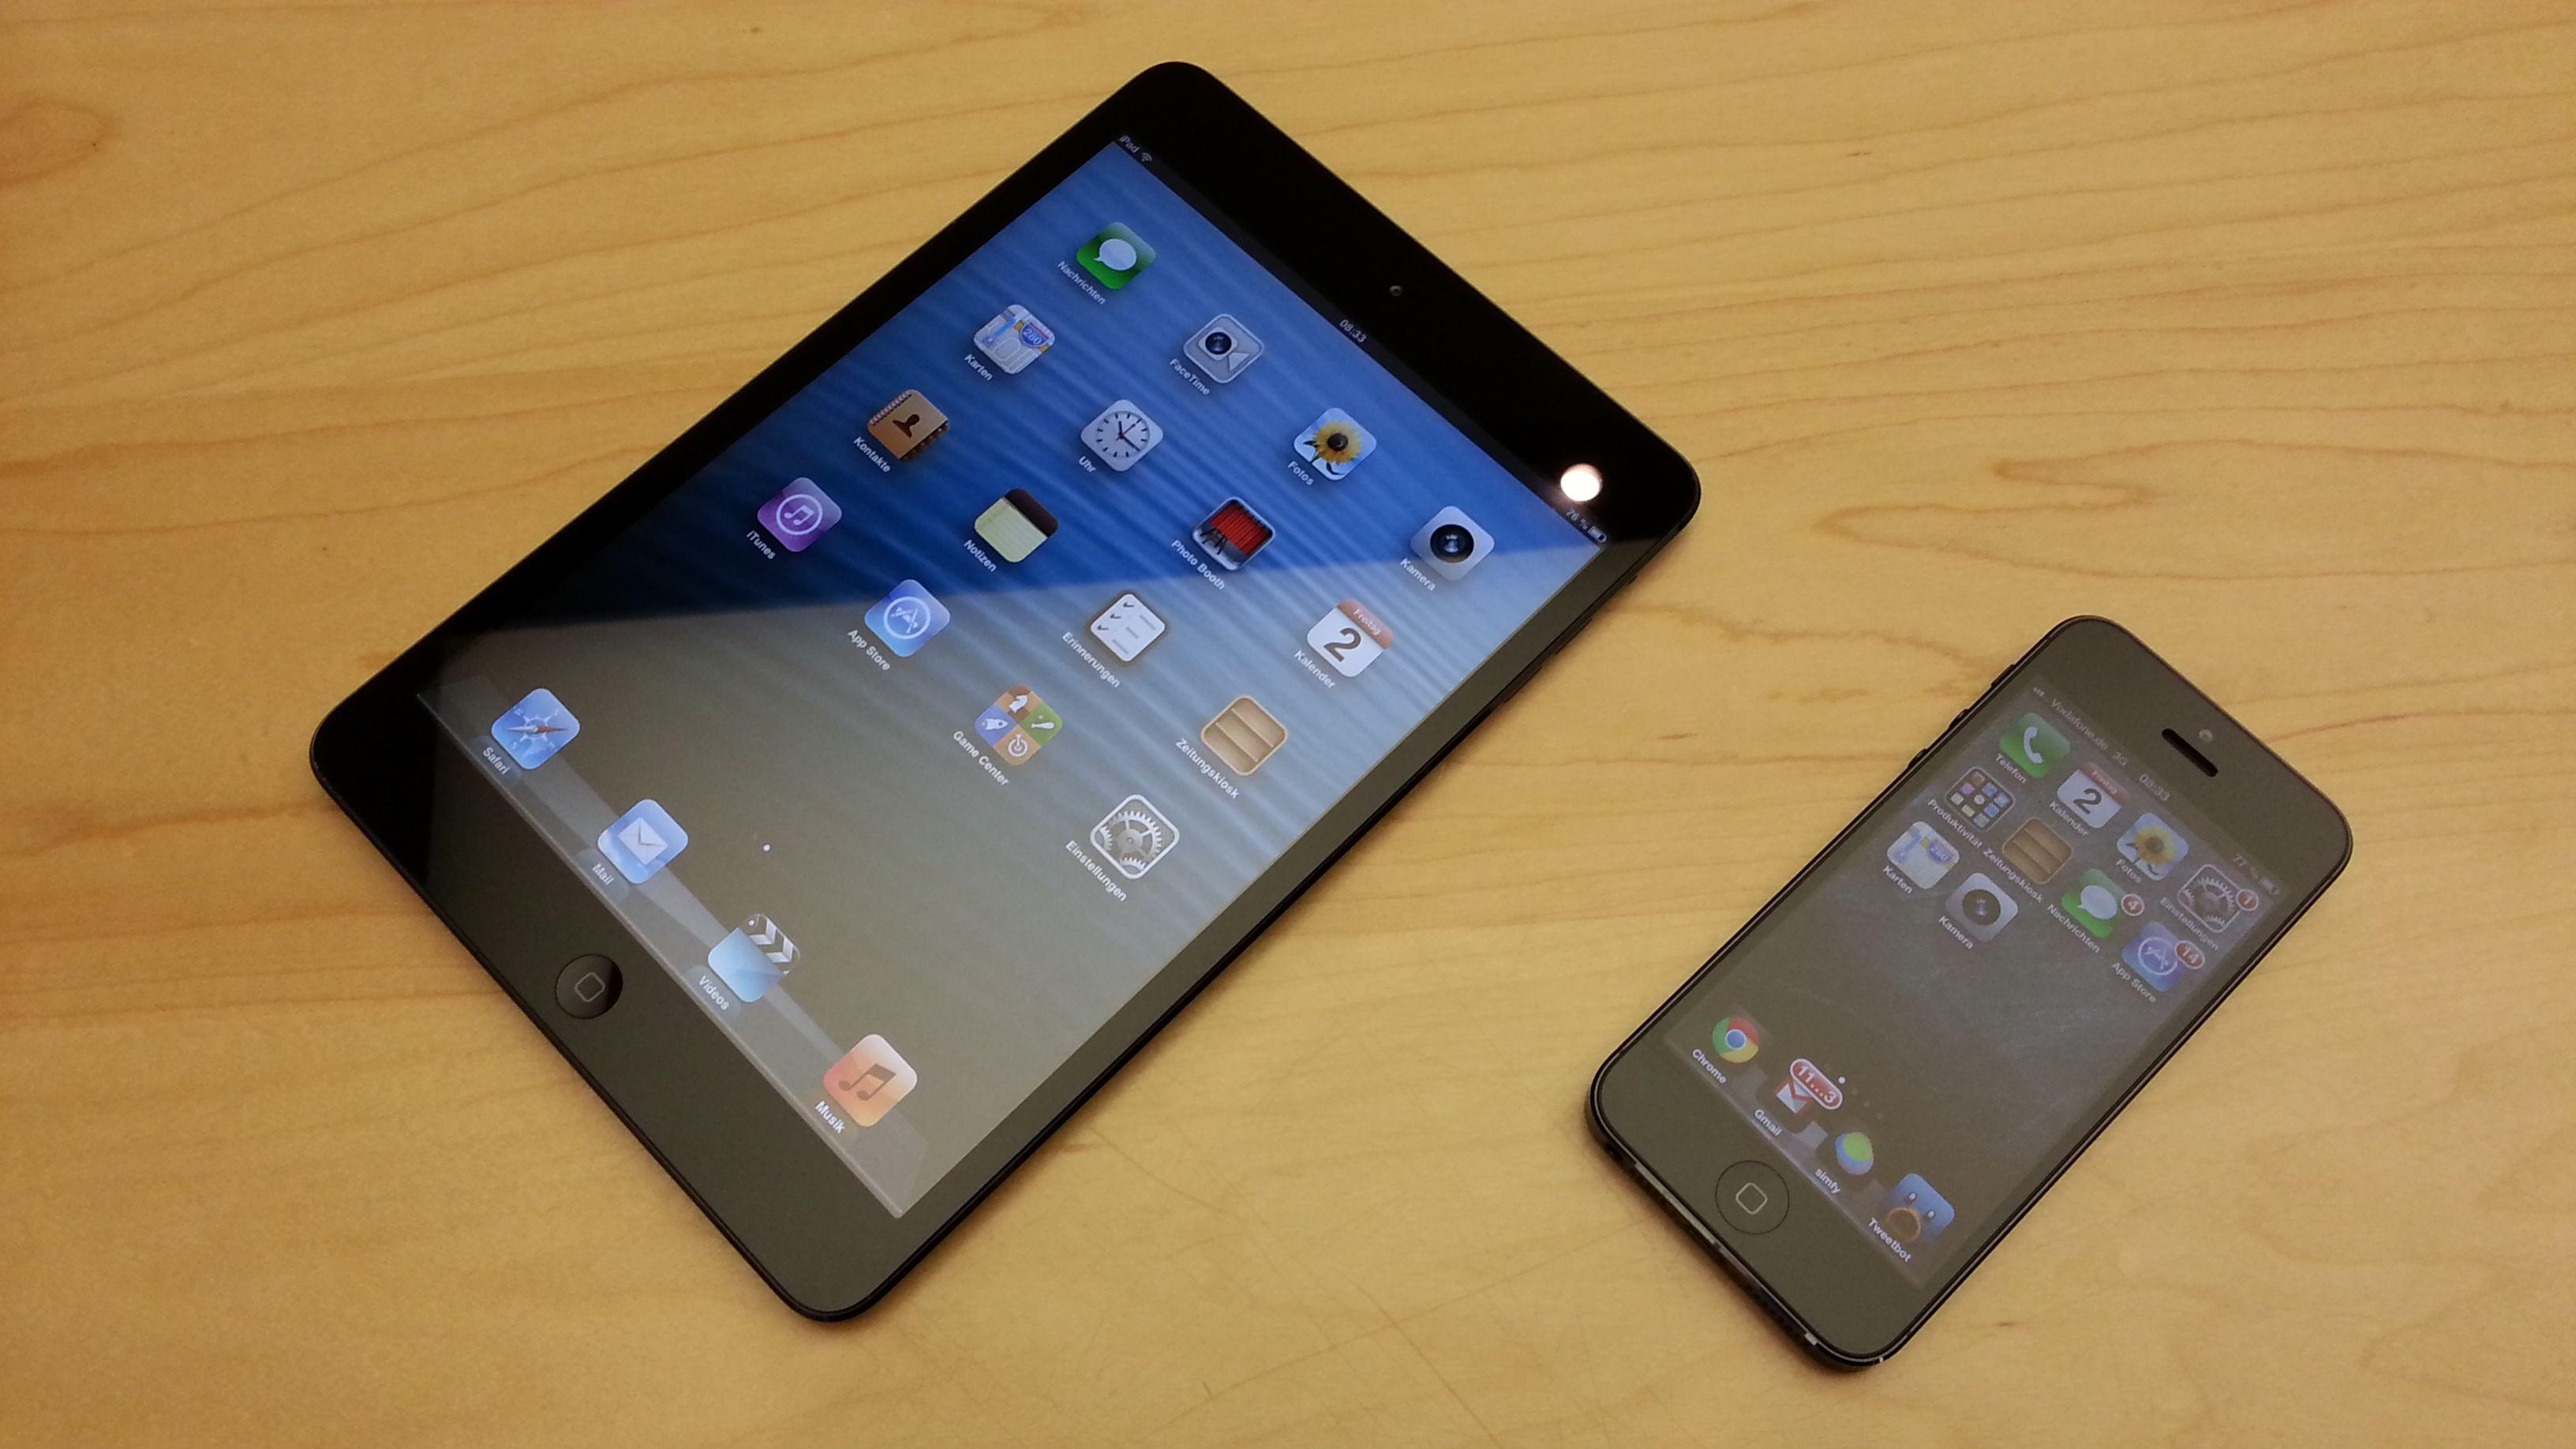 New Yorker Diebe lieben iPhones: Apple-Produkte lassen Zahl der Straftaten steigen